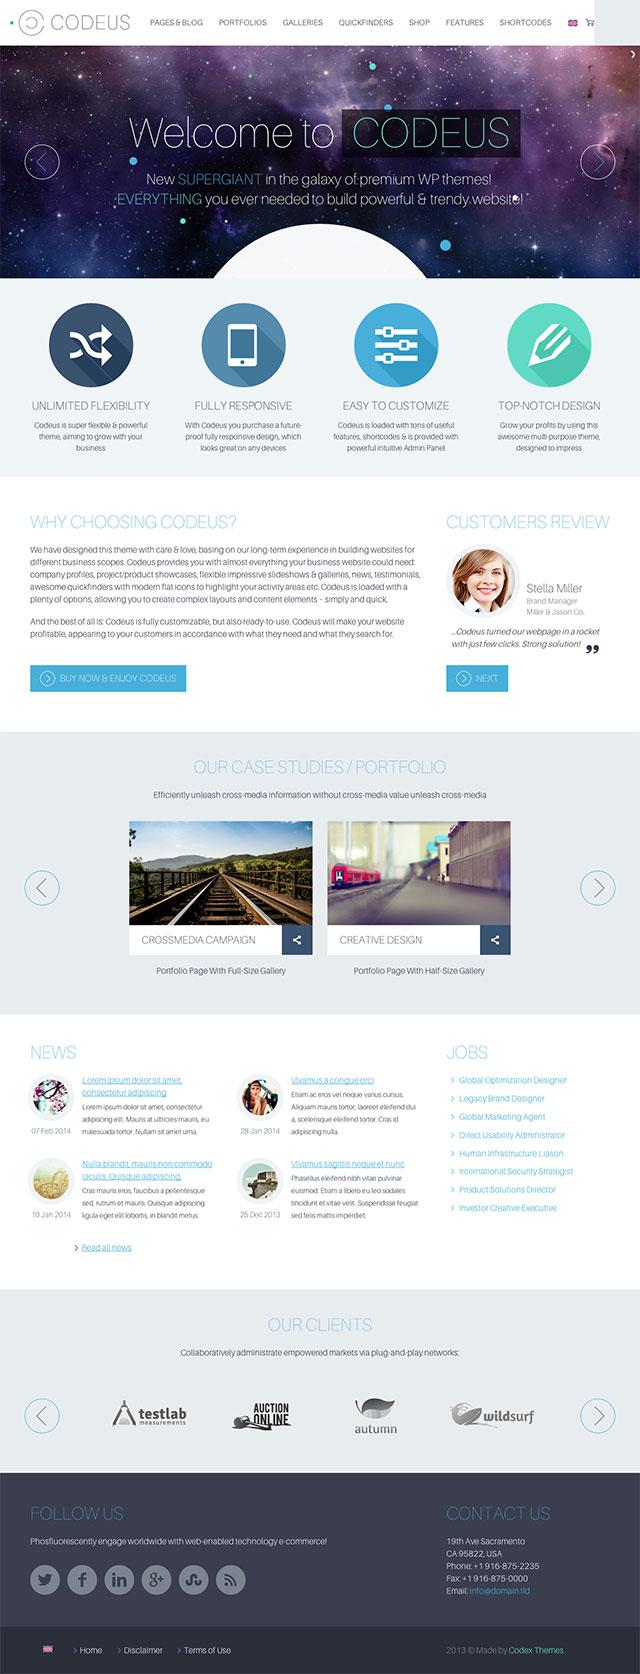 Impressive Wordpress Theme Impressive Wordpress Theme